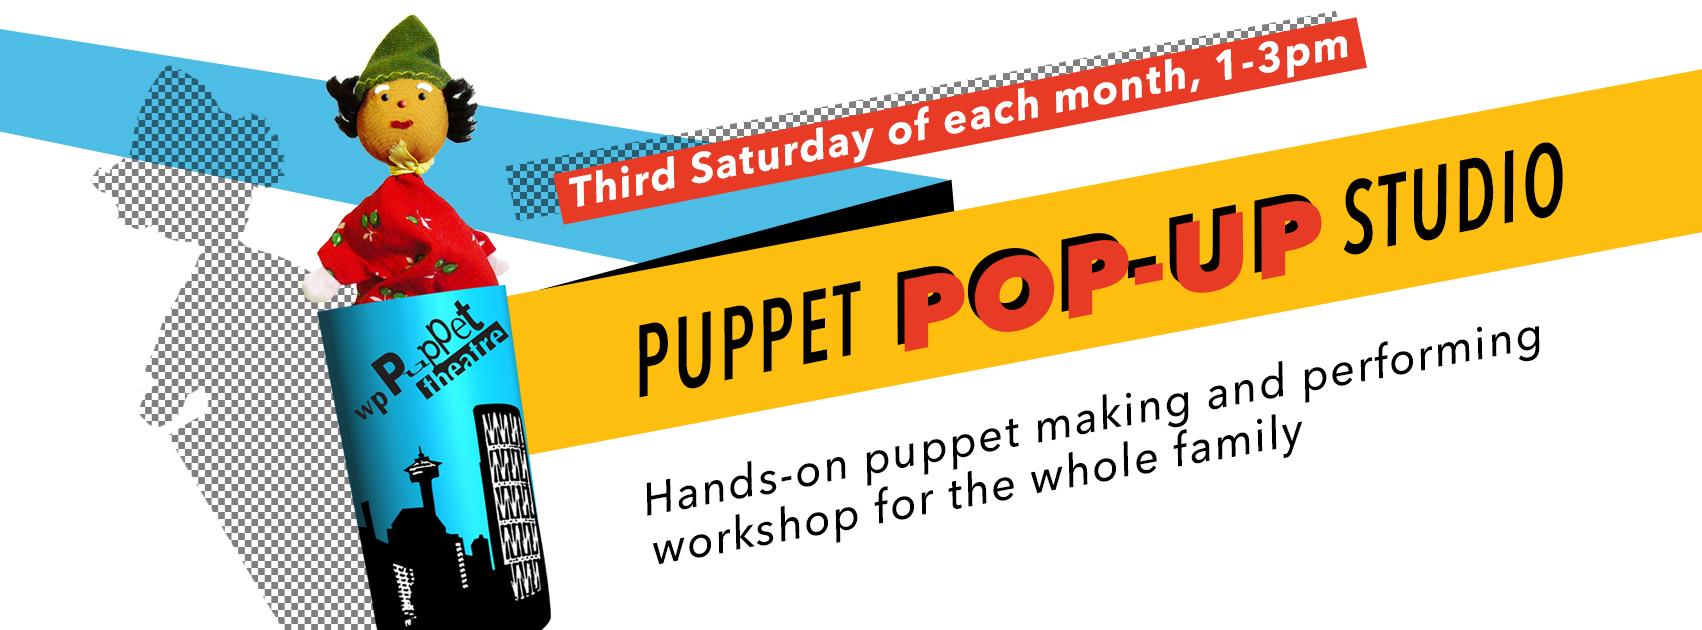 851x315Puppet-PopUp-Studio